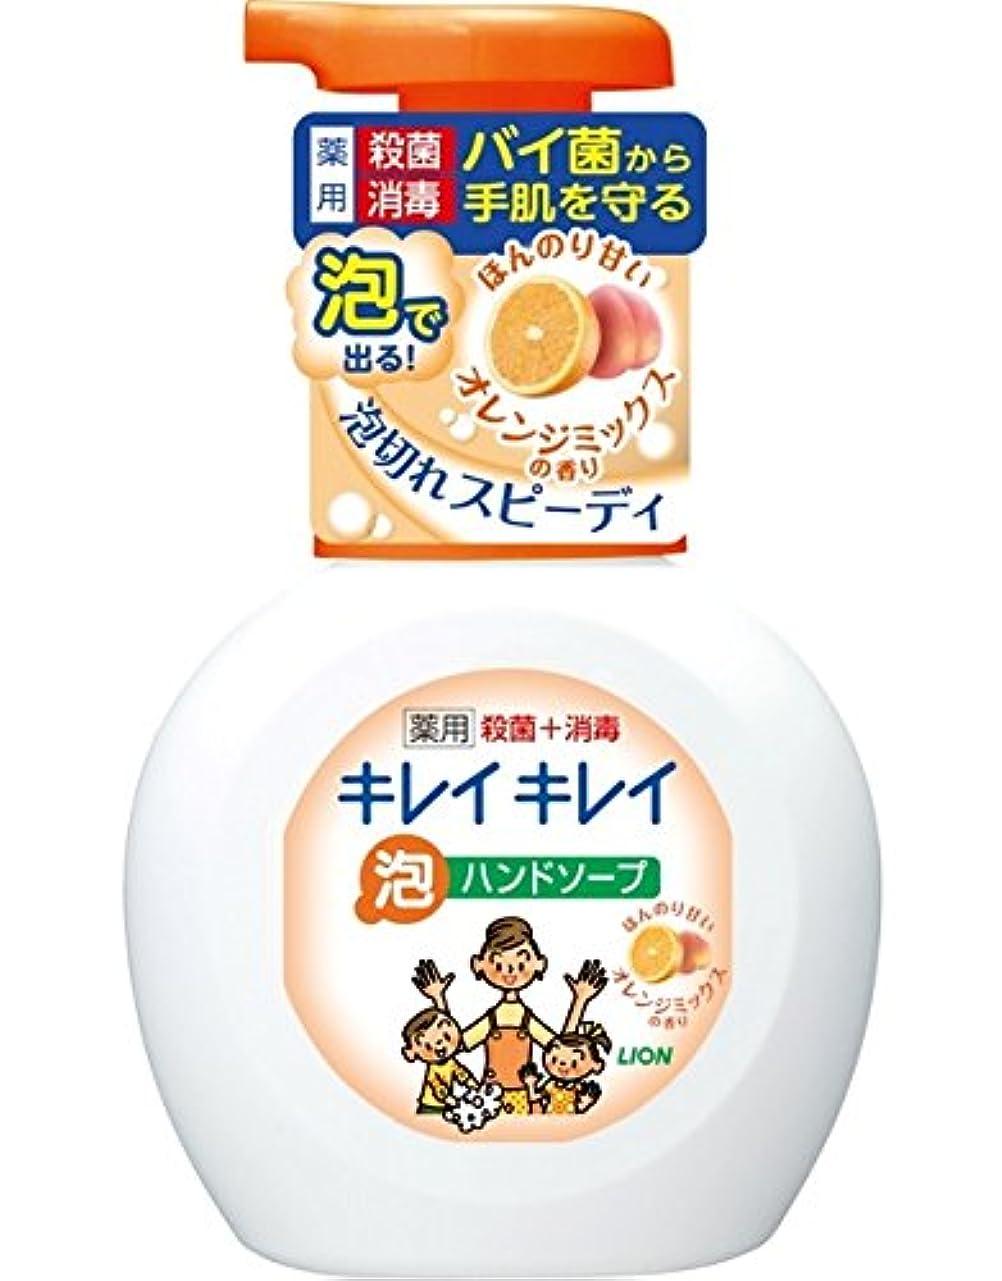 下に向けます植生リークキレイキレイ薬用泡ハンドソープオレンジミックスの香りポンプ250mL